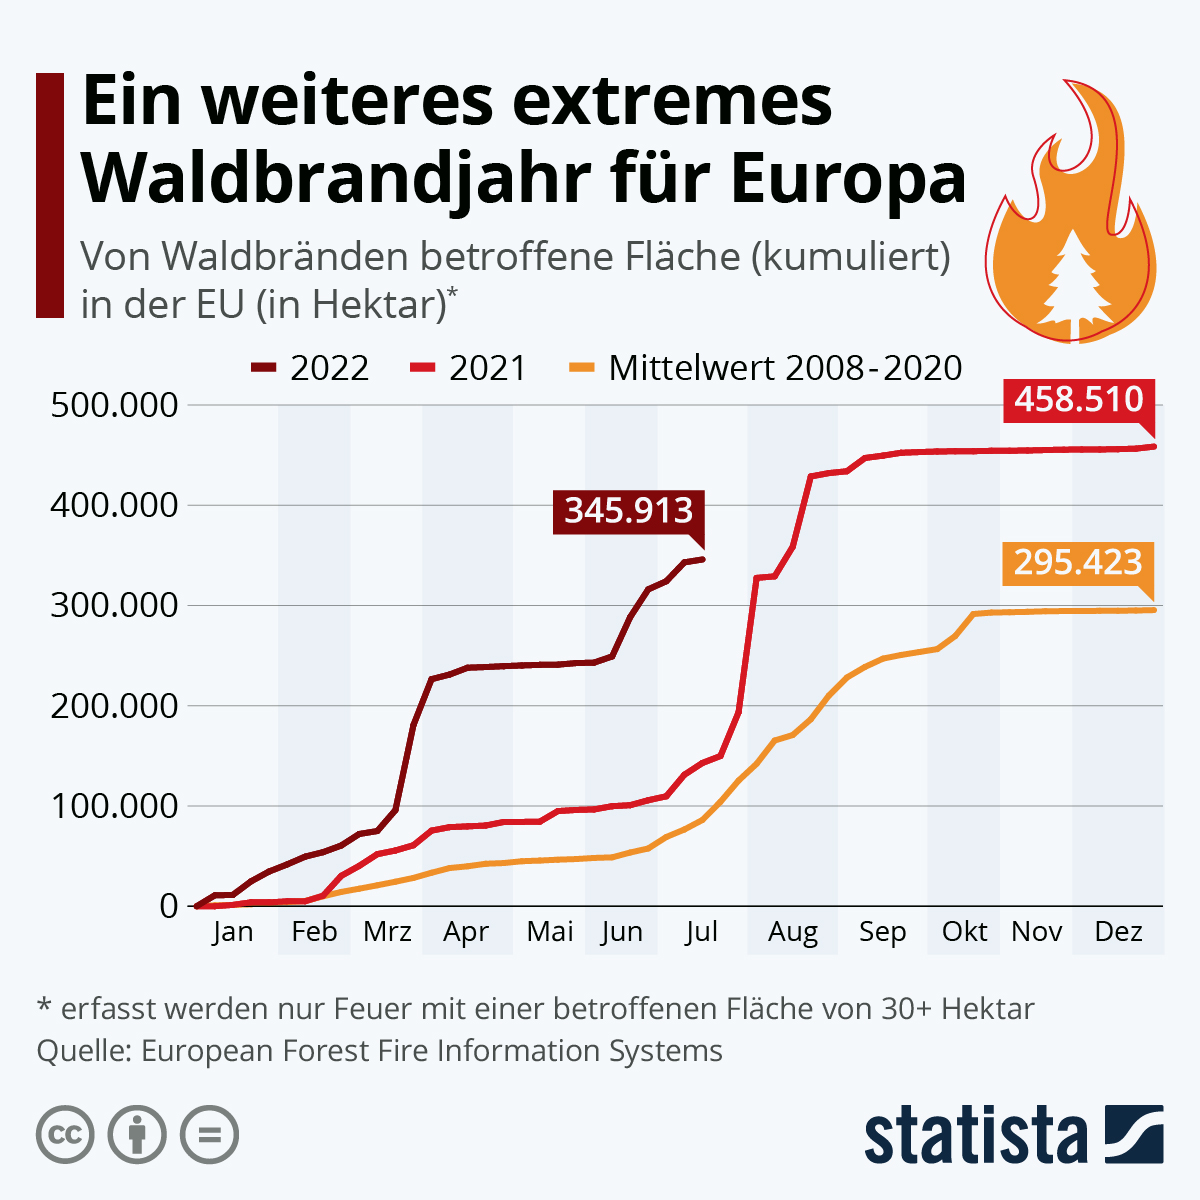 2021 ist ein extremes Waldbrandjahr | Statista